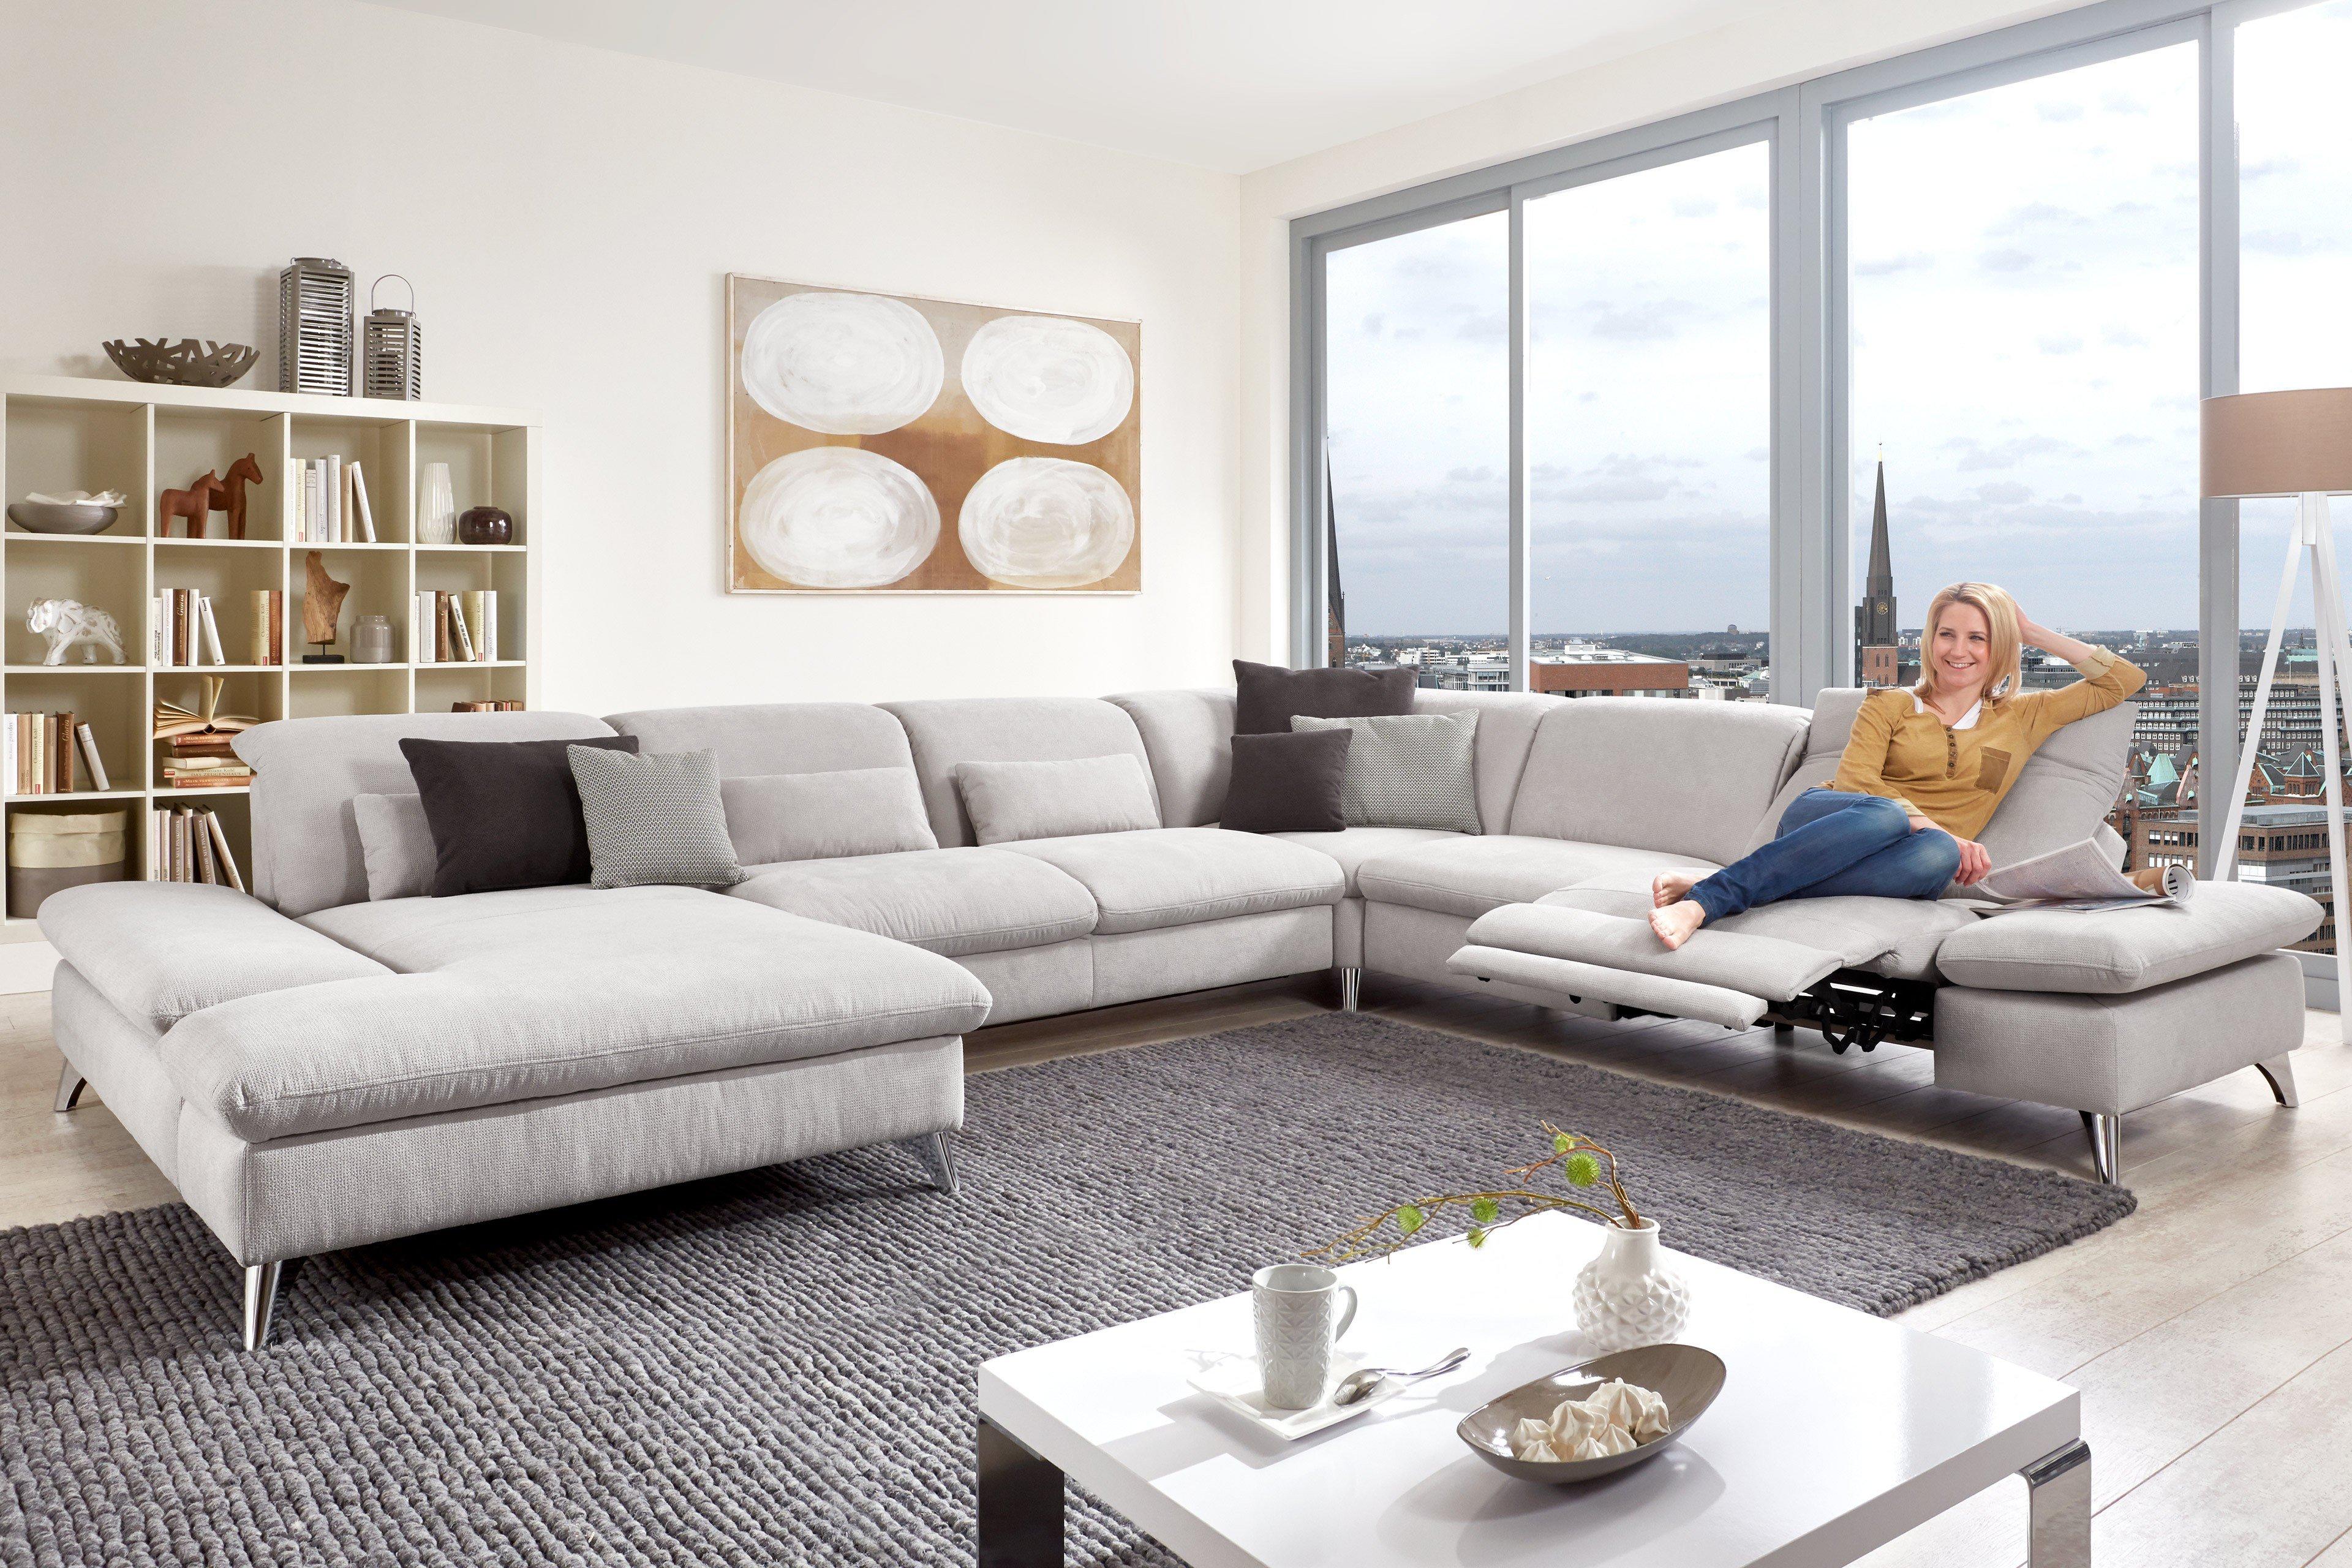 poco detroit wohnlandschaft hellgrau m bel letz ihr online shop. Black Bedroom Furniture Sets. Home Design Ideas